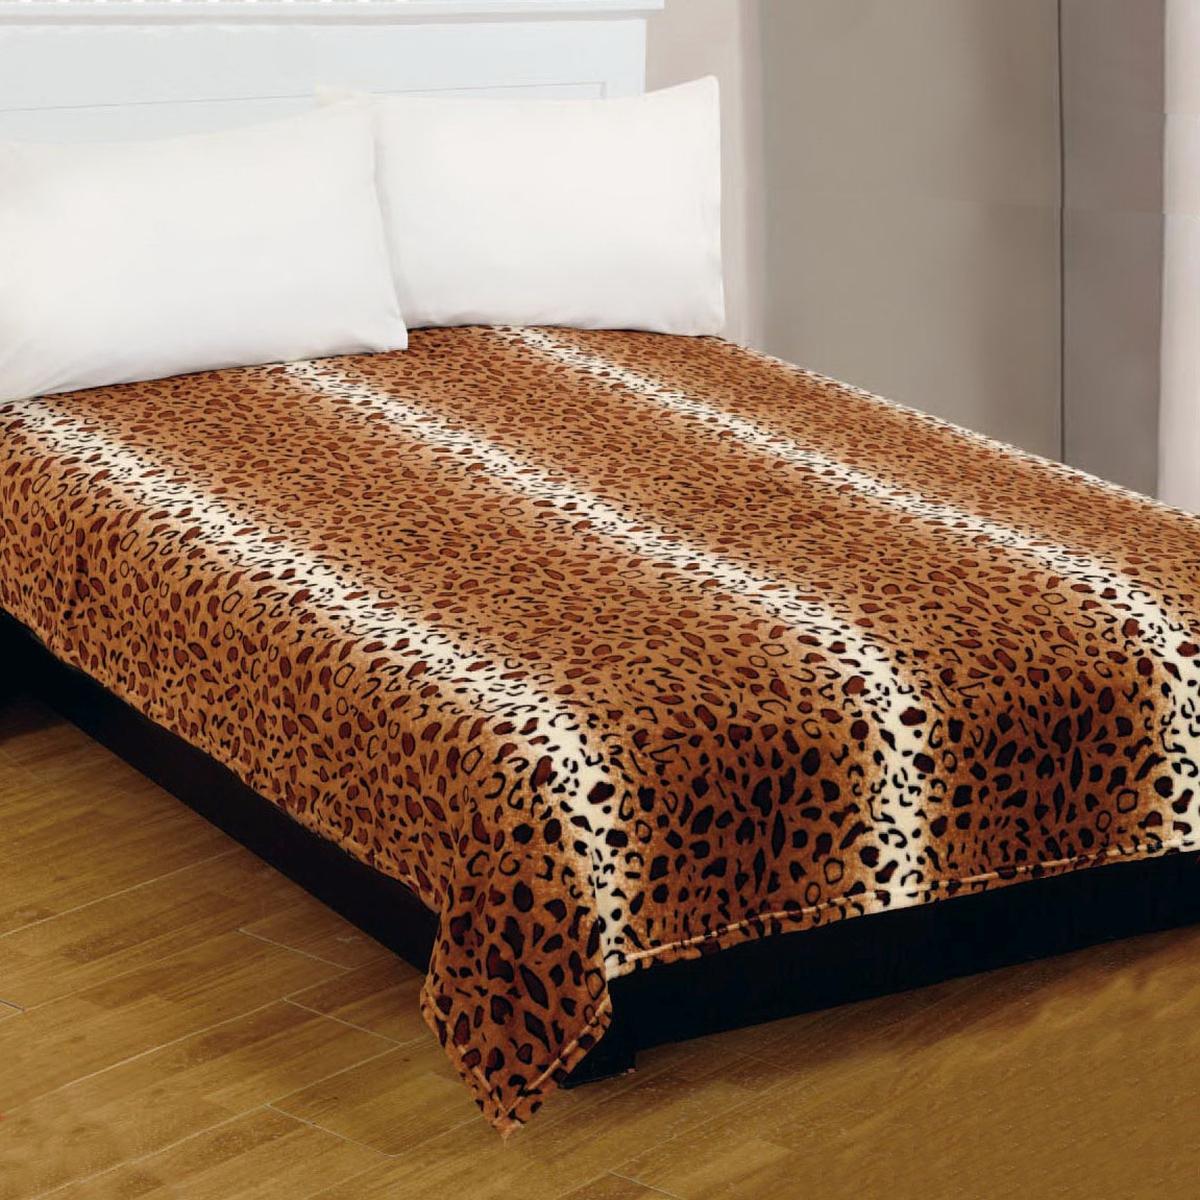 Плед Amore Mio Leopardi, цвет: коричневый, белый, 180 х 230 см68242Мягкий, теплый и уютный плед Amore Mio Leopardi изготовлен из фланели (100% полиэстер). Благодаря своей структуре плед отлично удерживает тепло, не накапливает статическое электричество. Фланель - мягкий материал, гипоаллергенен и экологичен. Благодаря уникальной технологии окрашивания, плед прекрасно отстирывается, не линяет и не скатывается. Изделие легко стирается, быстро сохнет и практически не мнется.